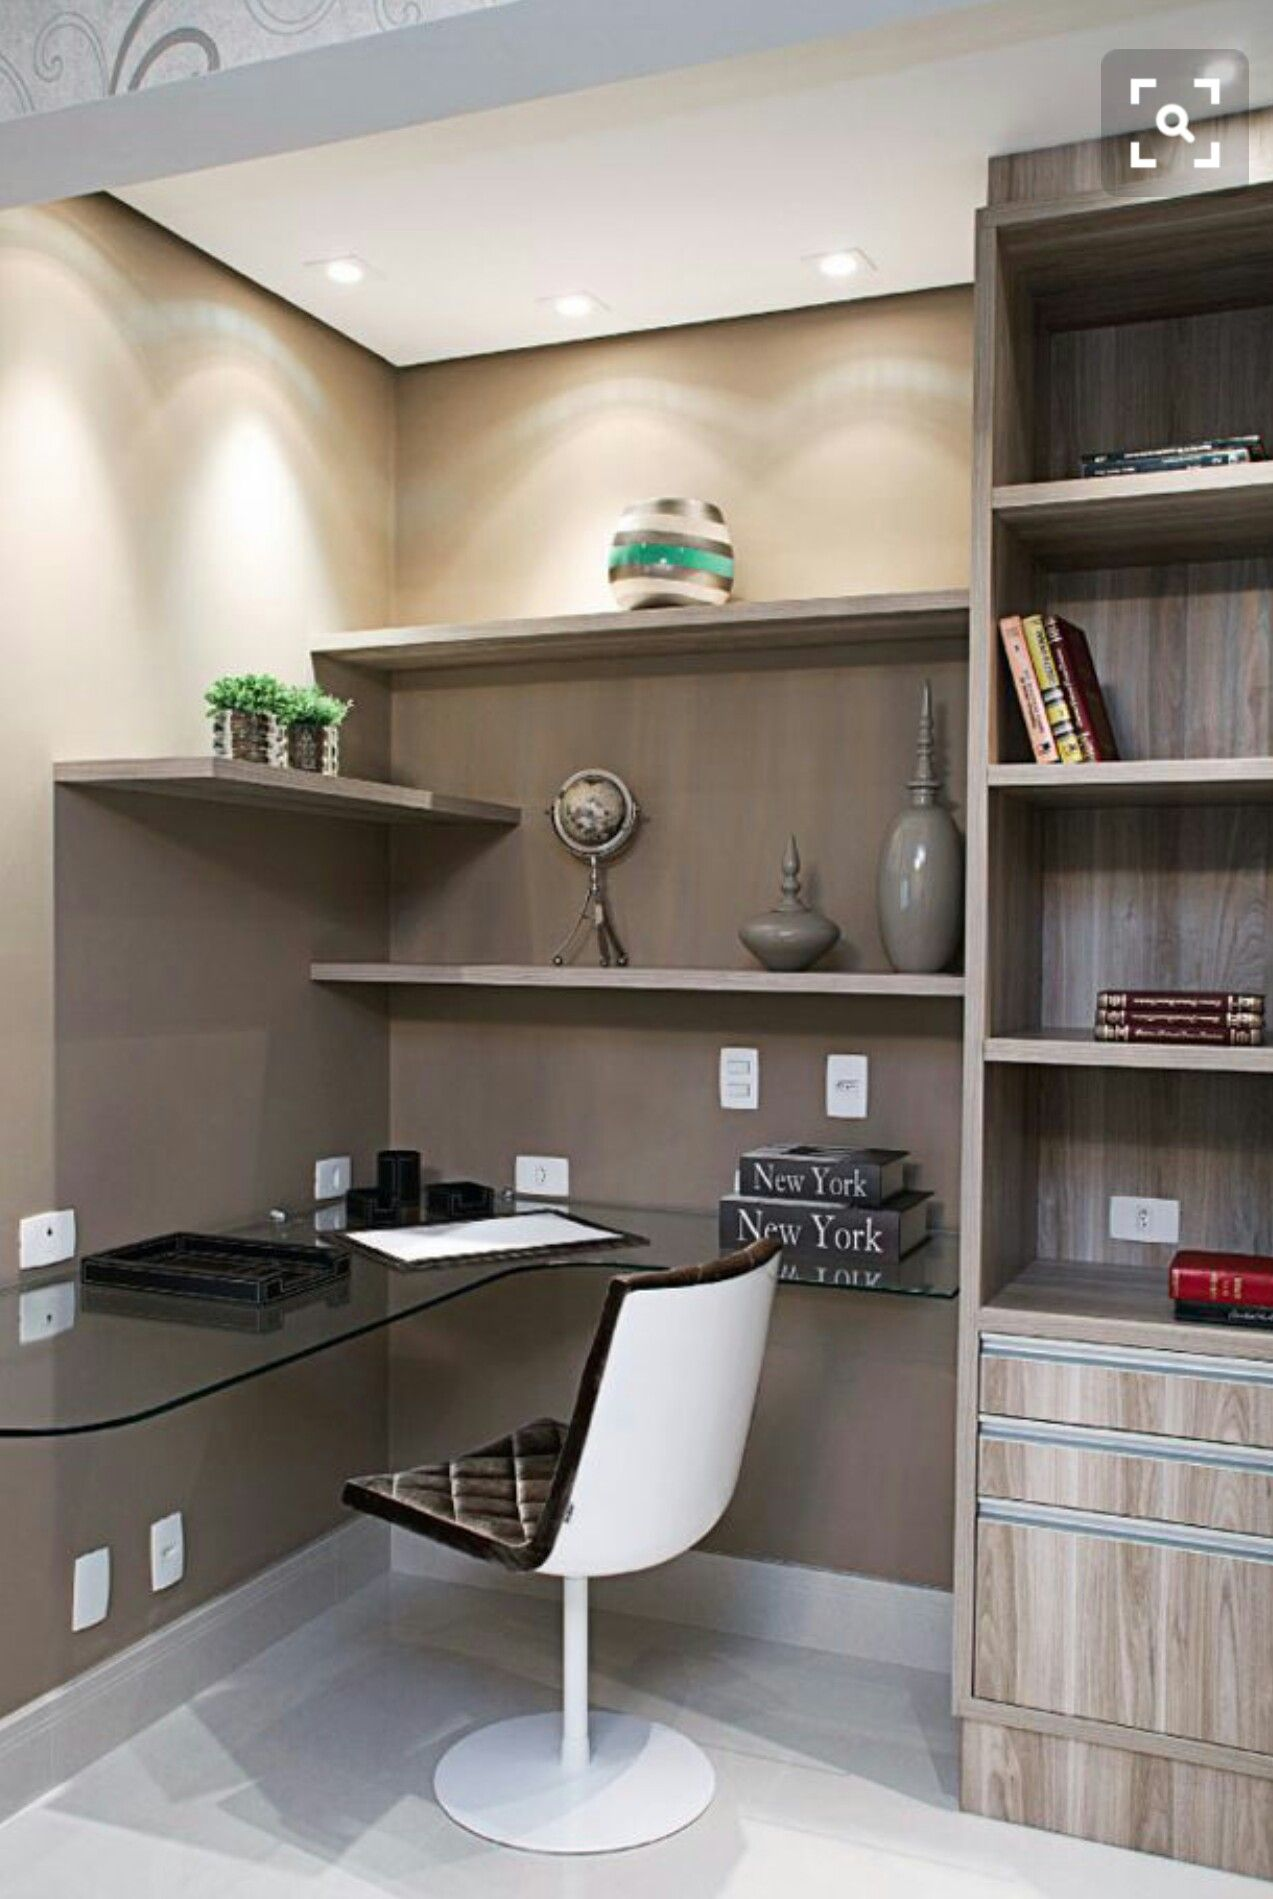 Pingl par krishan sur computer table pinterest for Salon avec ba